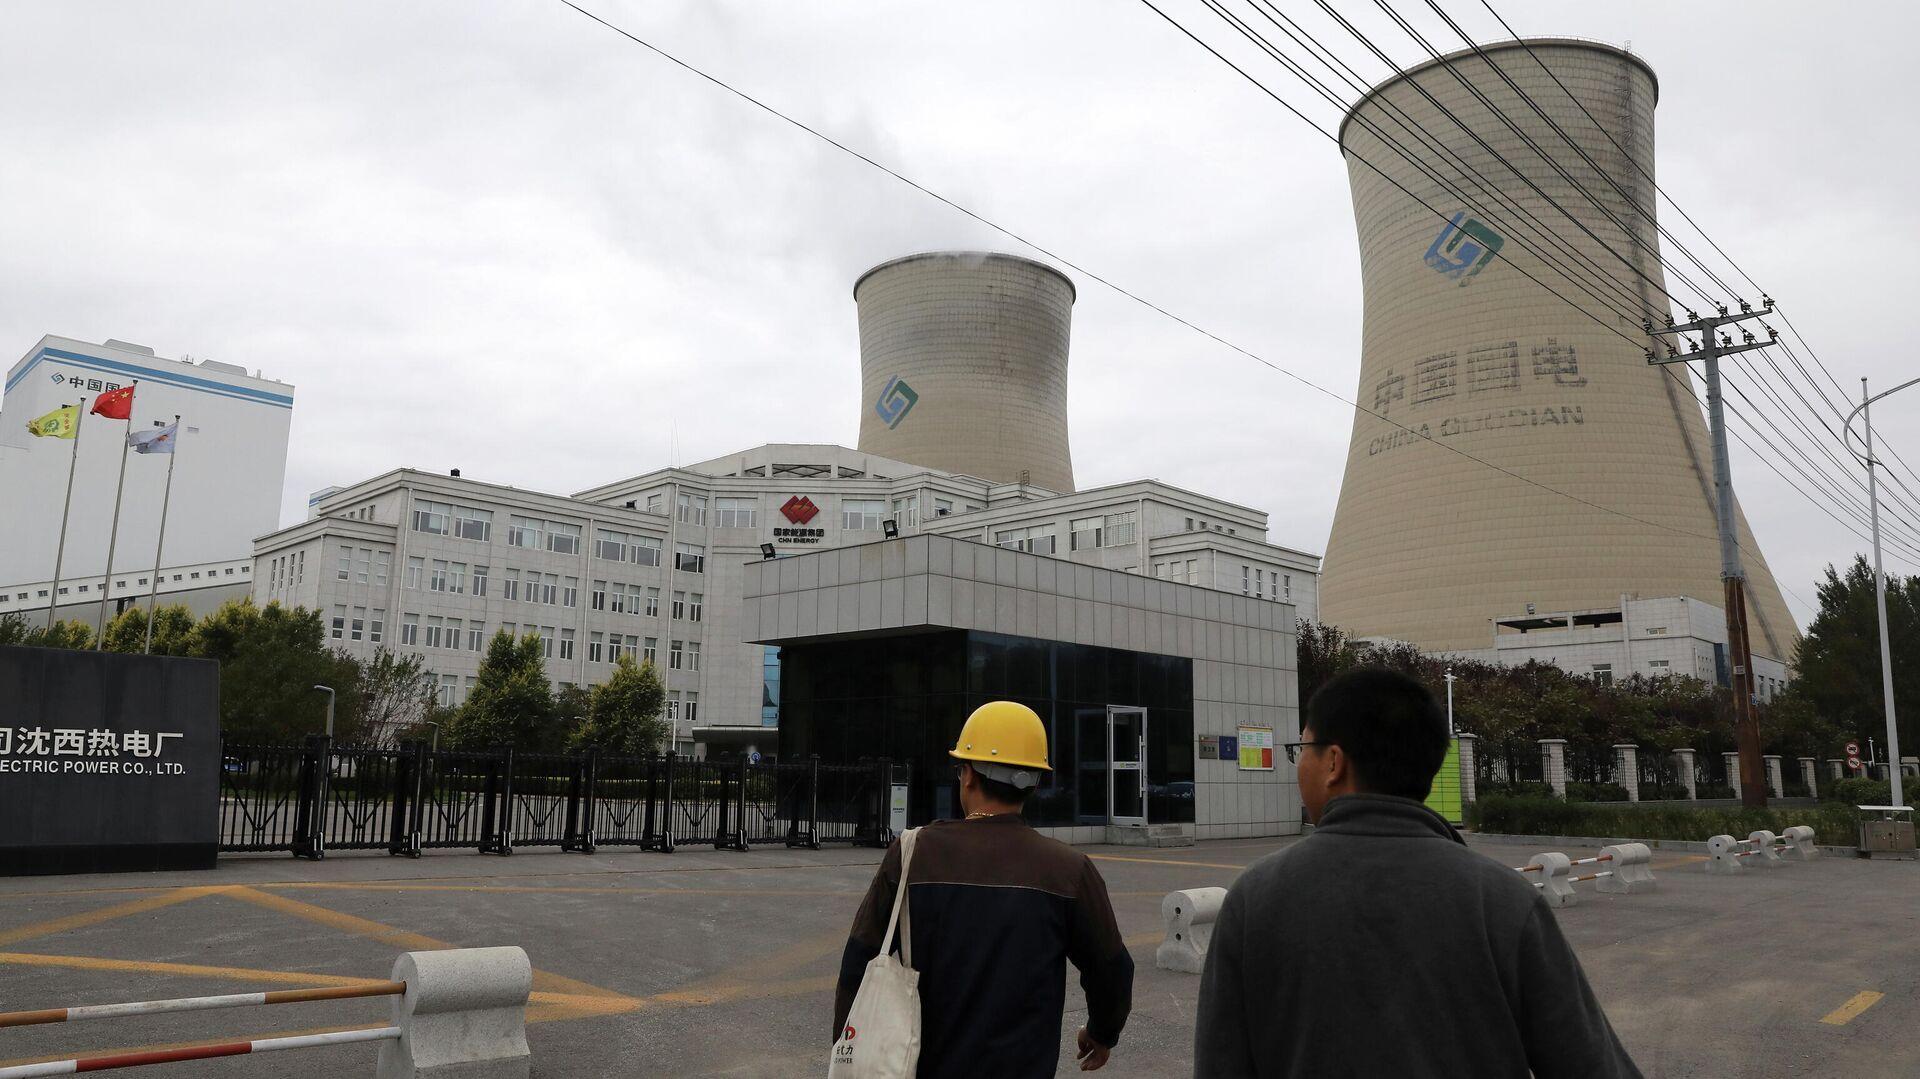 Unas personas caminan cerca a una central eléctrica de carbón en Shenyang, China - Sputnik Mundo, 1920, 10.10.2021